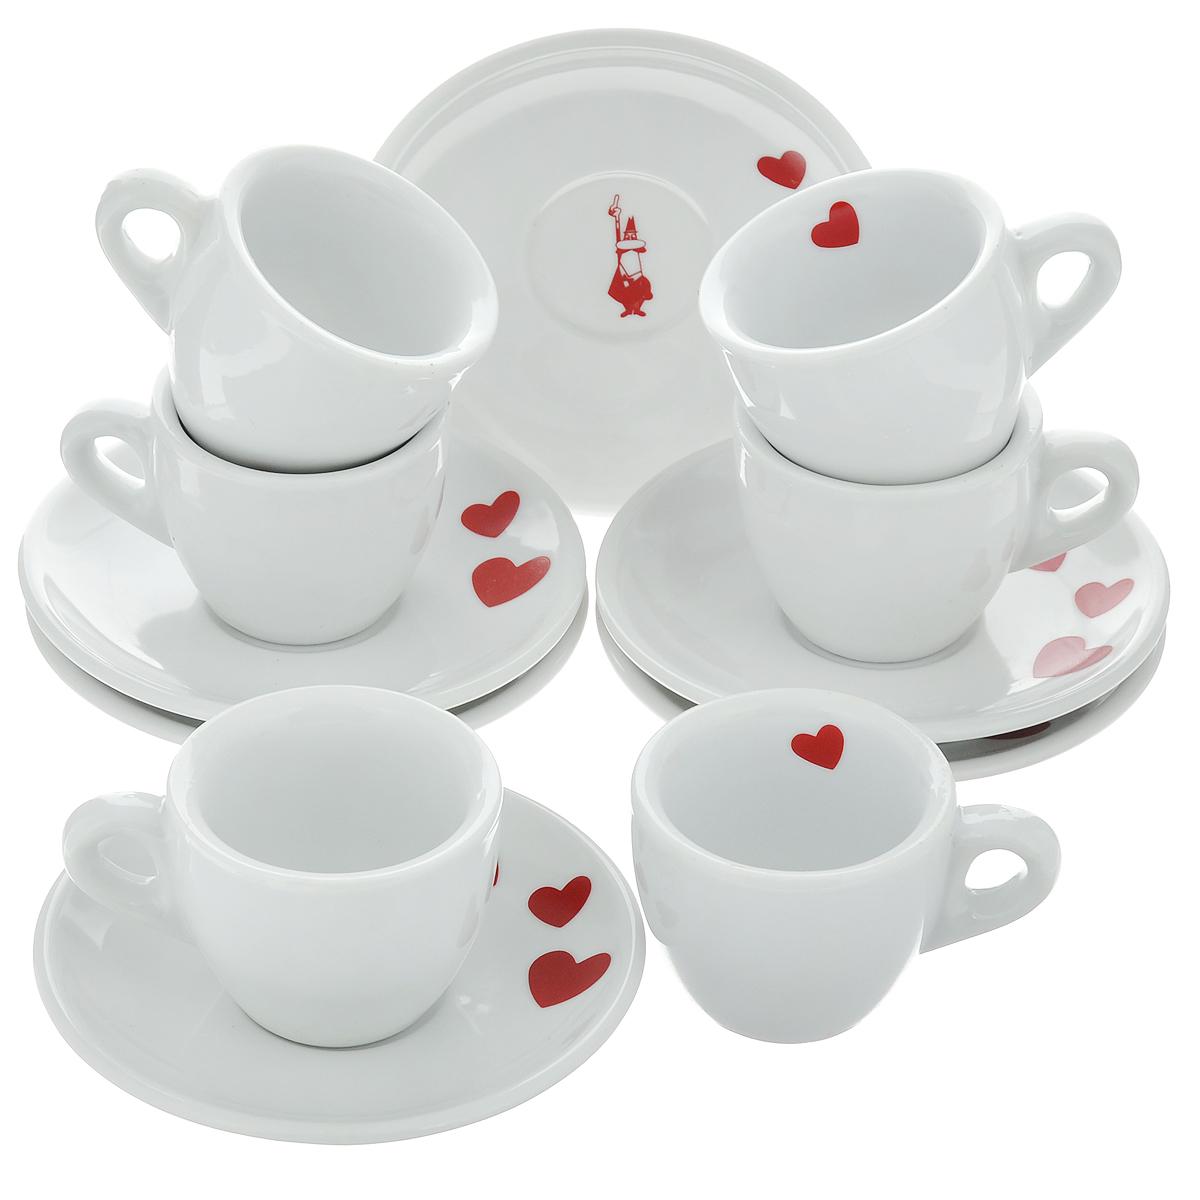 Набор чашек для кофе Bialetti, с блюдцами, цвет: белый, красный, 12 предметовVT-1520(SR)Набор Bialetti состоит из 6 чашек для кофе и 6 блюдец, выполненных из высококачественной керамики. Материал изделий абсолютно безопасен для здоровья. Набор Bialetti оригинального дизайна позволит насладиться вашими любимыми напитками. Прекрасный подарок для друзей и близких. Можно мыть в посудомоечной машине. Объем чашки: 60 мл. Диаметр (по верхнему краю): 6 см. Высота чашки: 5 см.